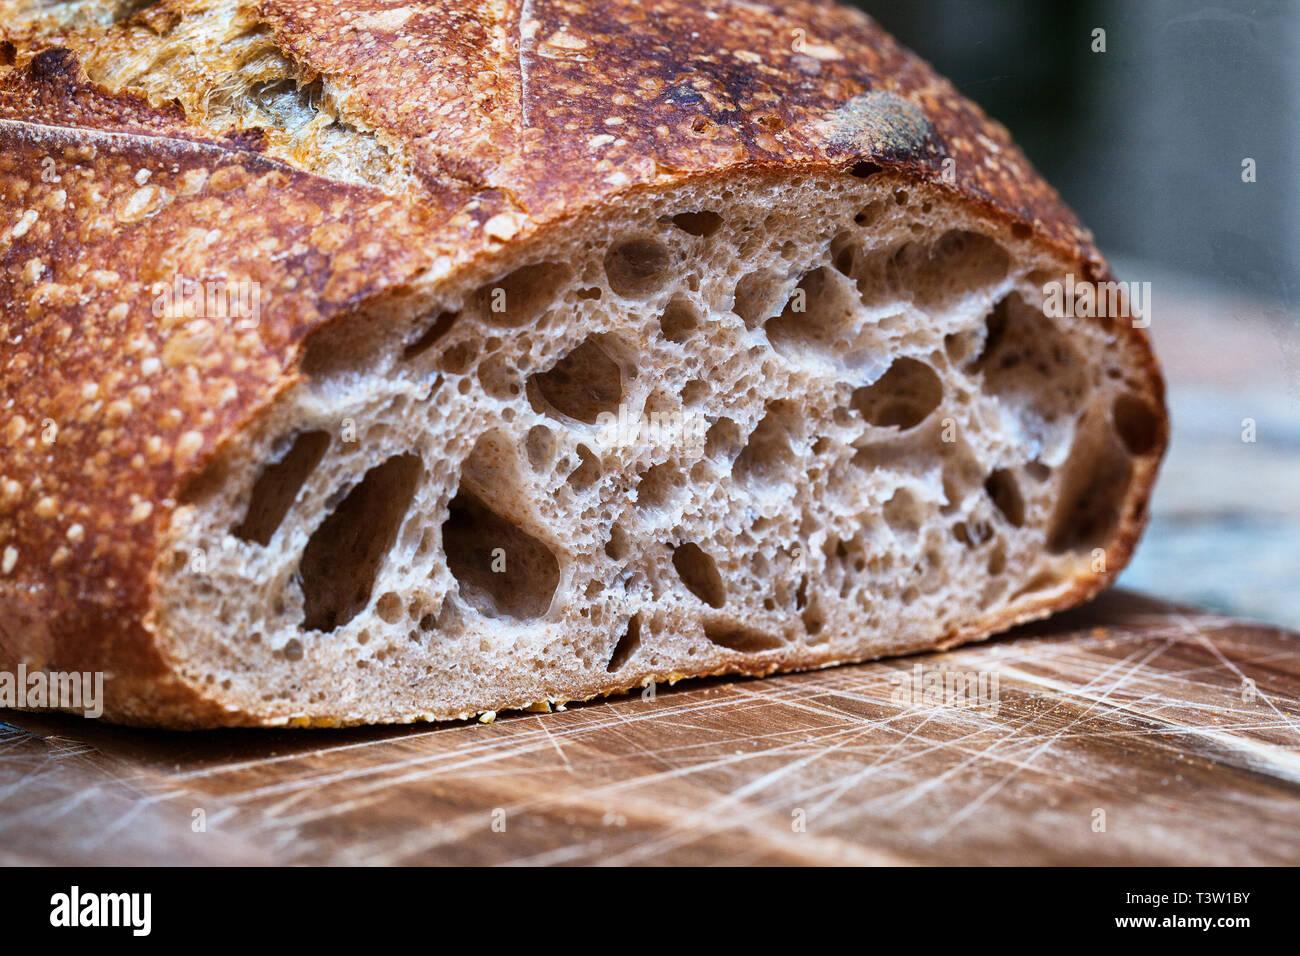 Du pain au levain focaccia. Tranches de pain au levain sur planche de bois. Alimentation saine. La texture de la miette de pain artisanal close-up Banque D'Images